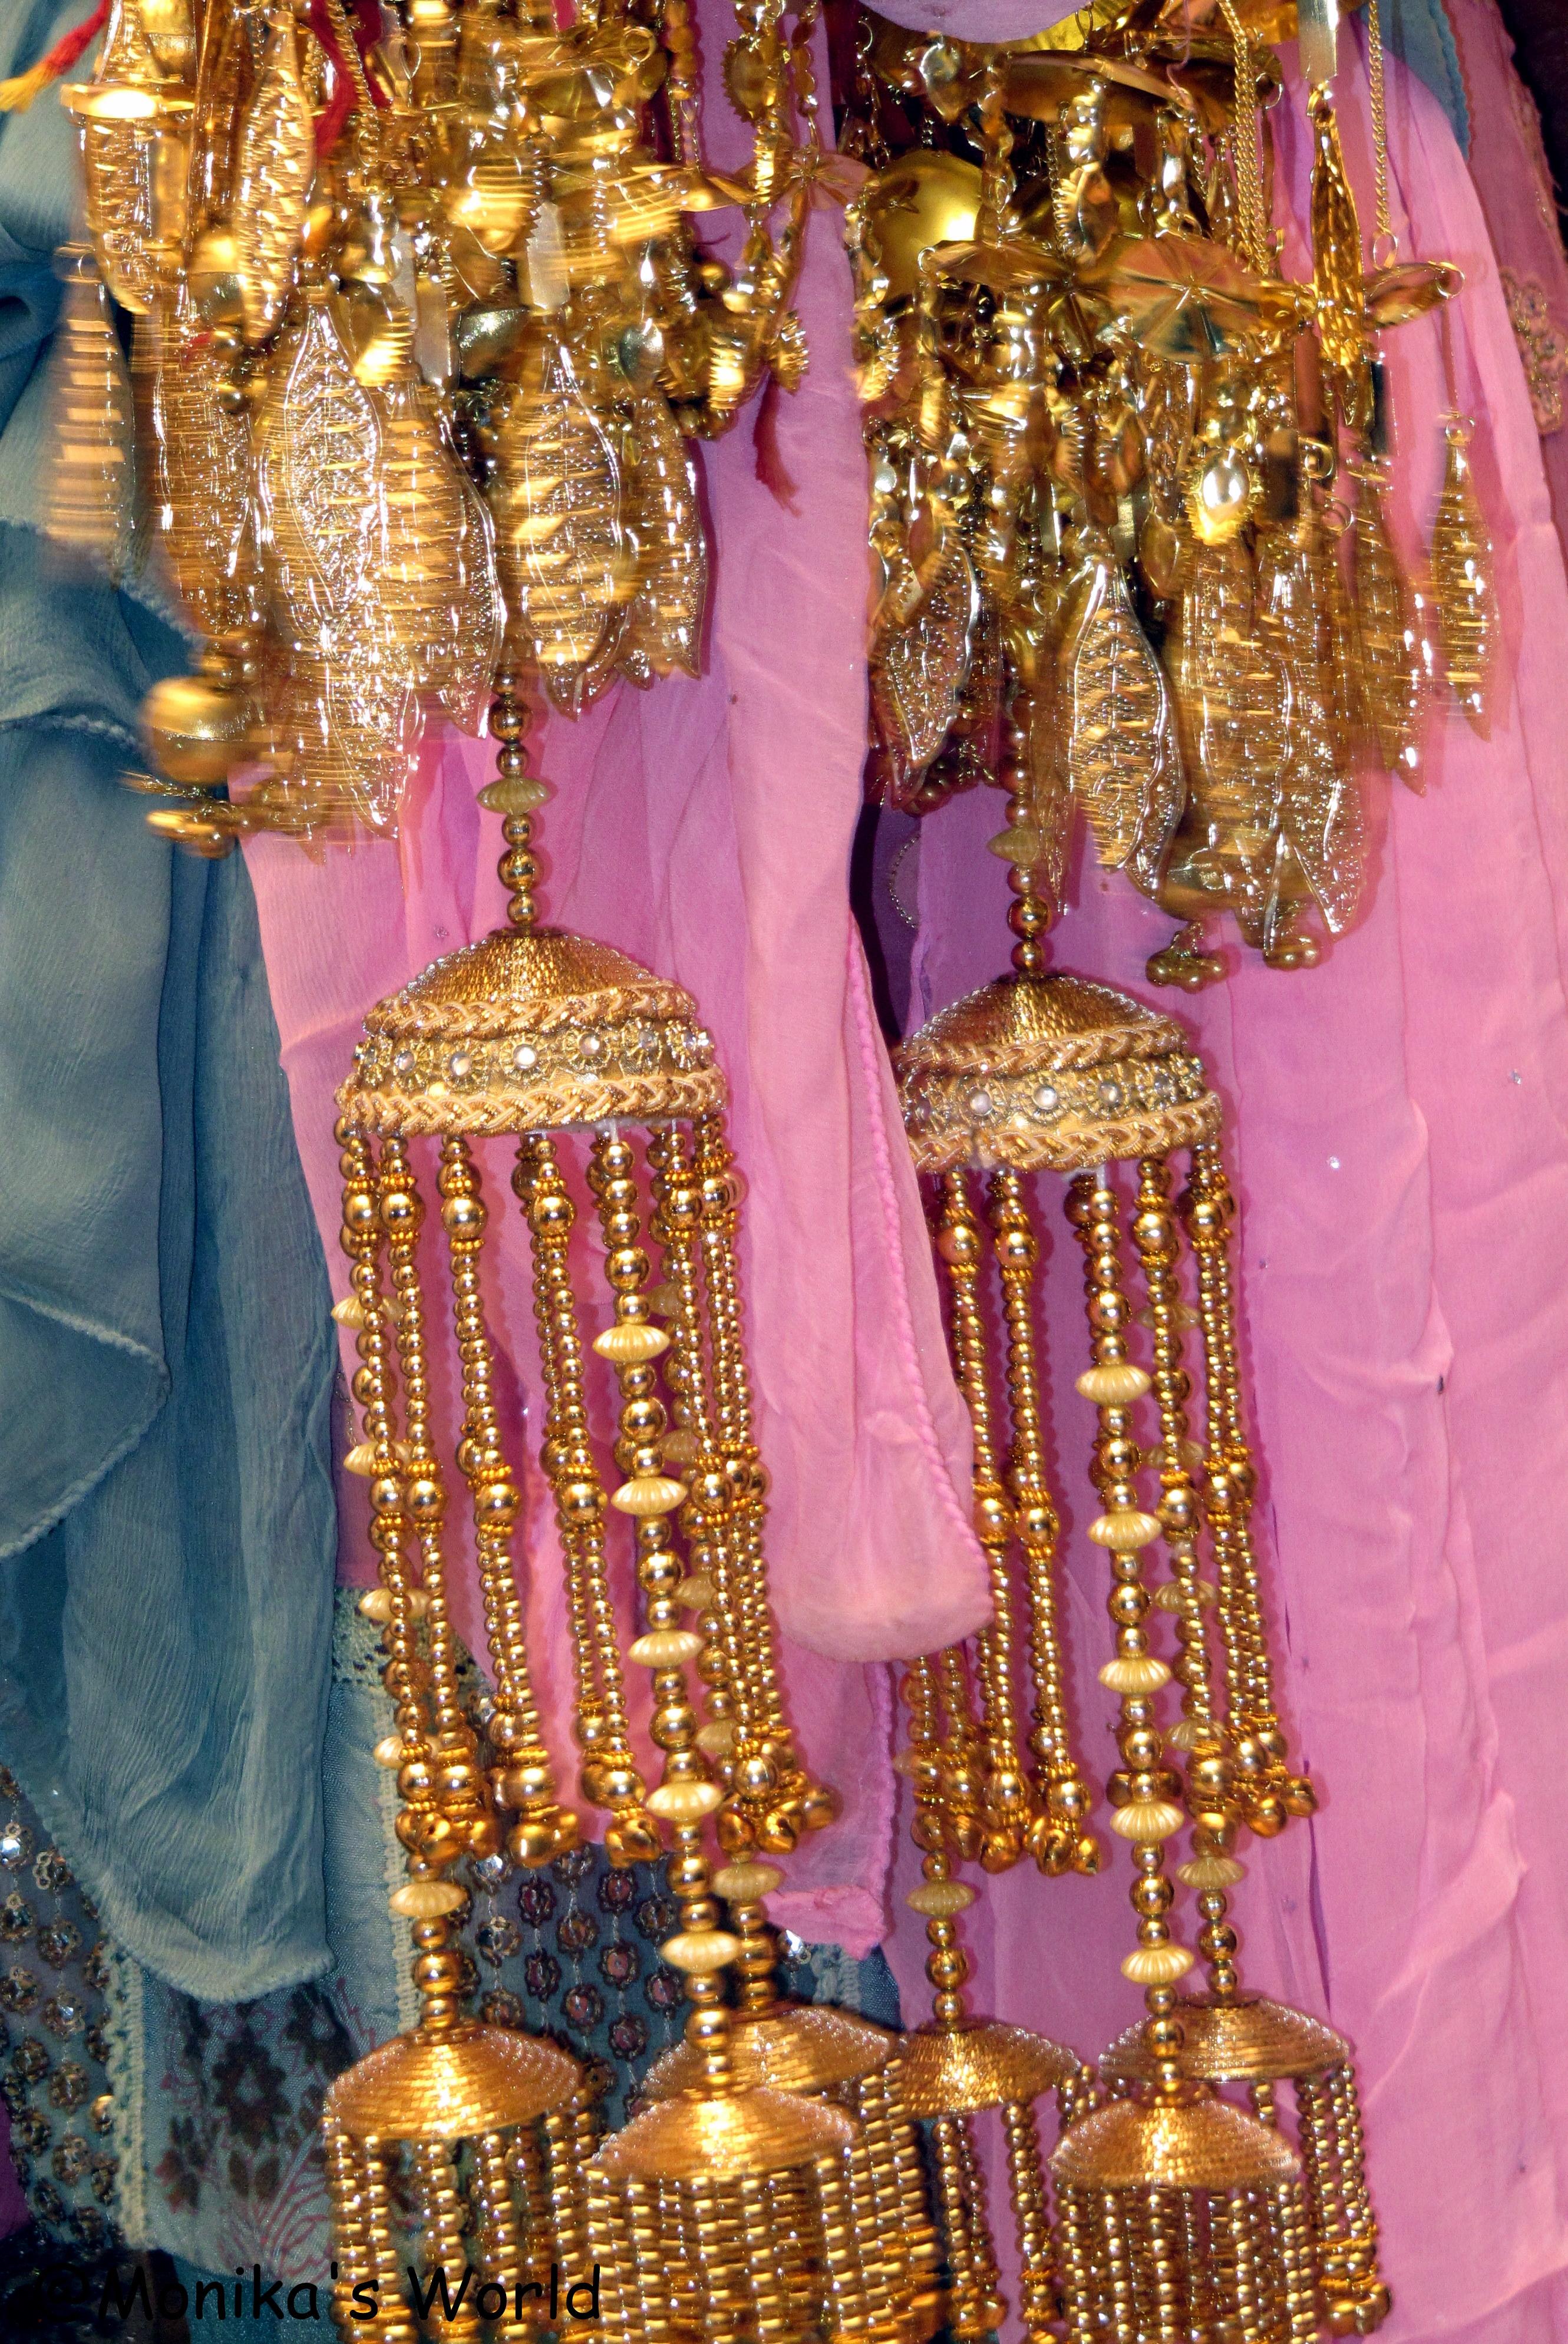 22 punjabi bhabhi in pink salwar suit selfie wid moans - 4 2